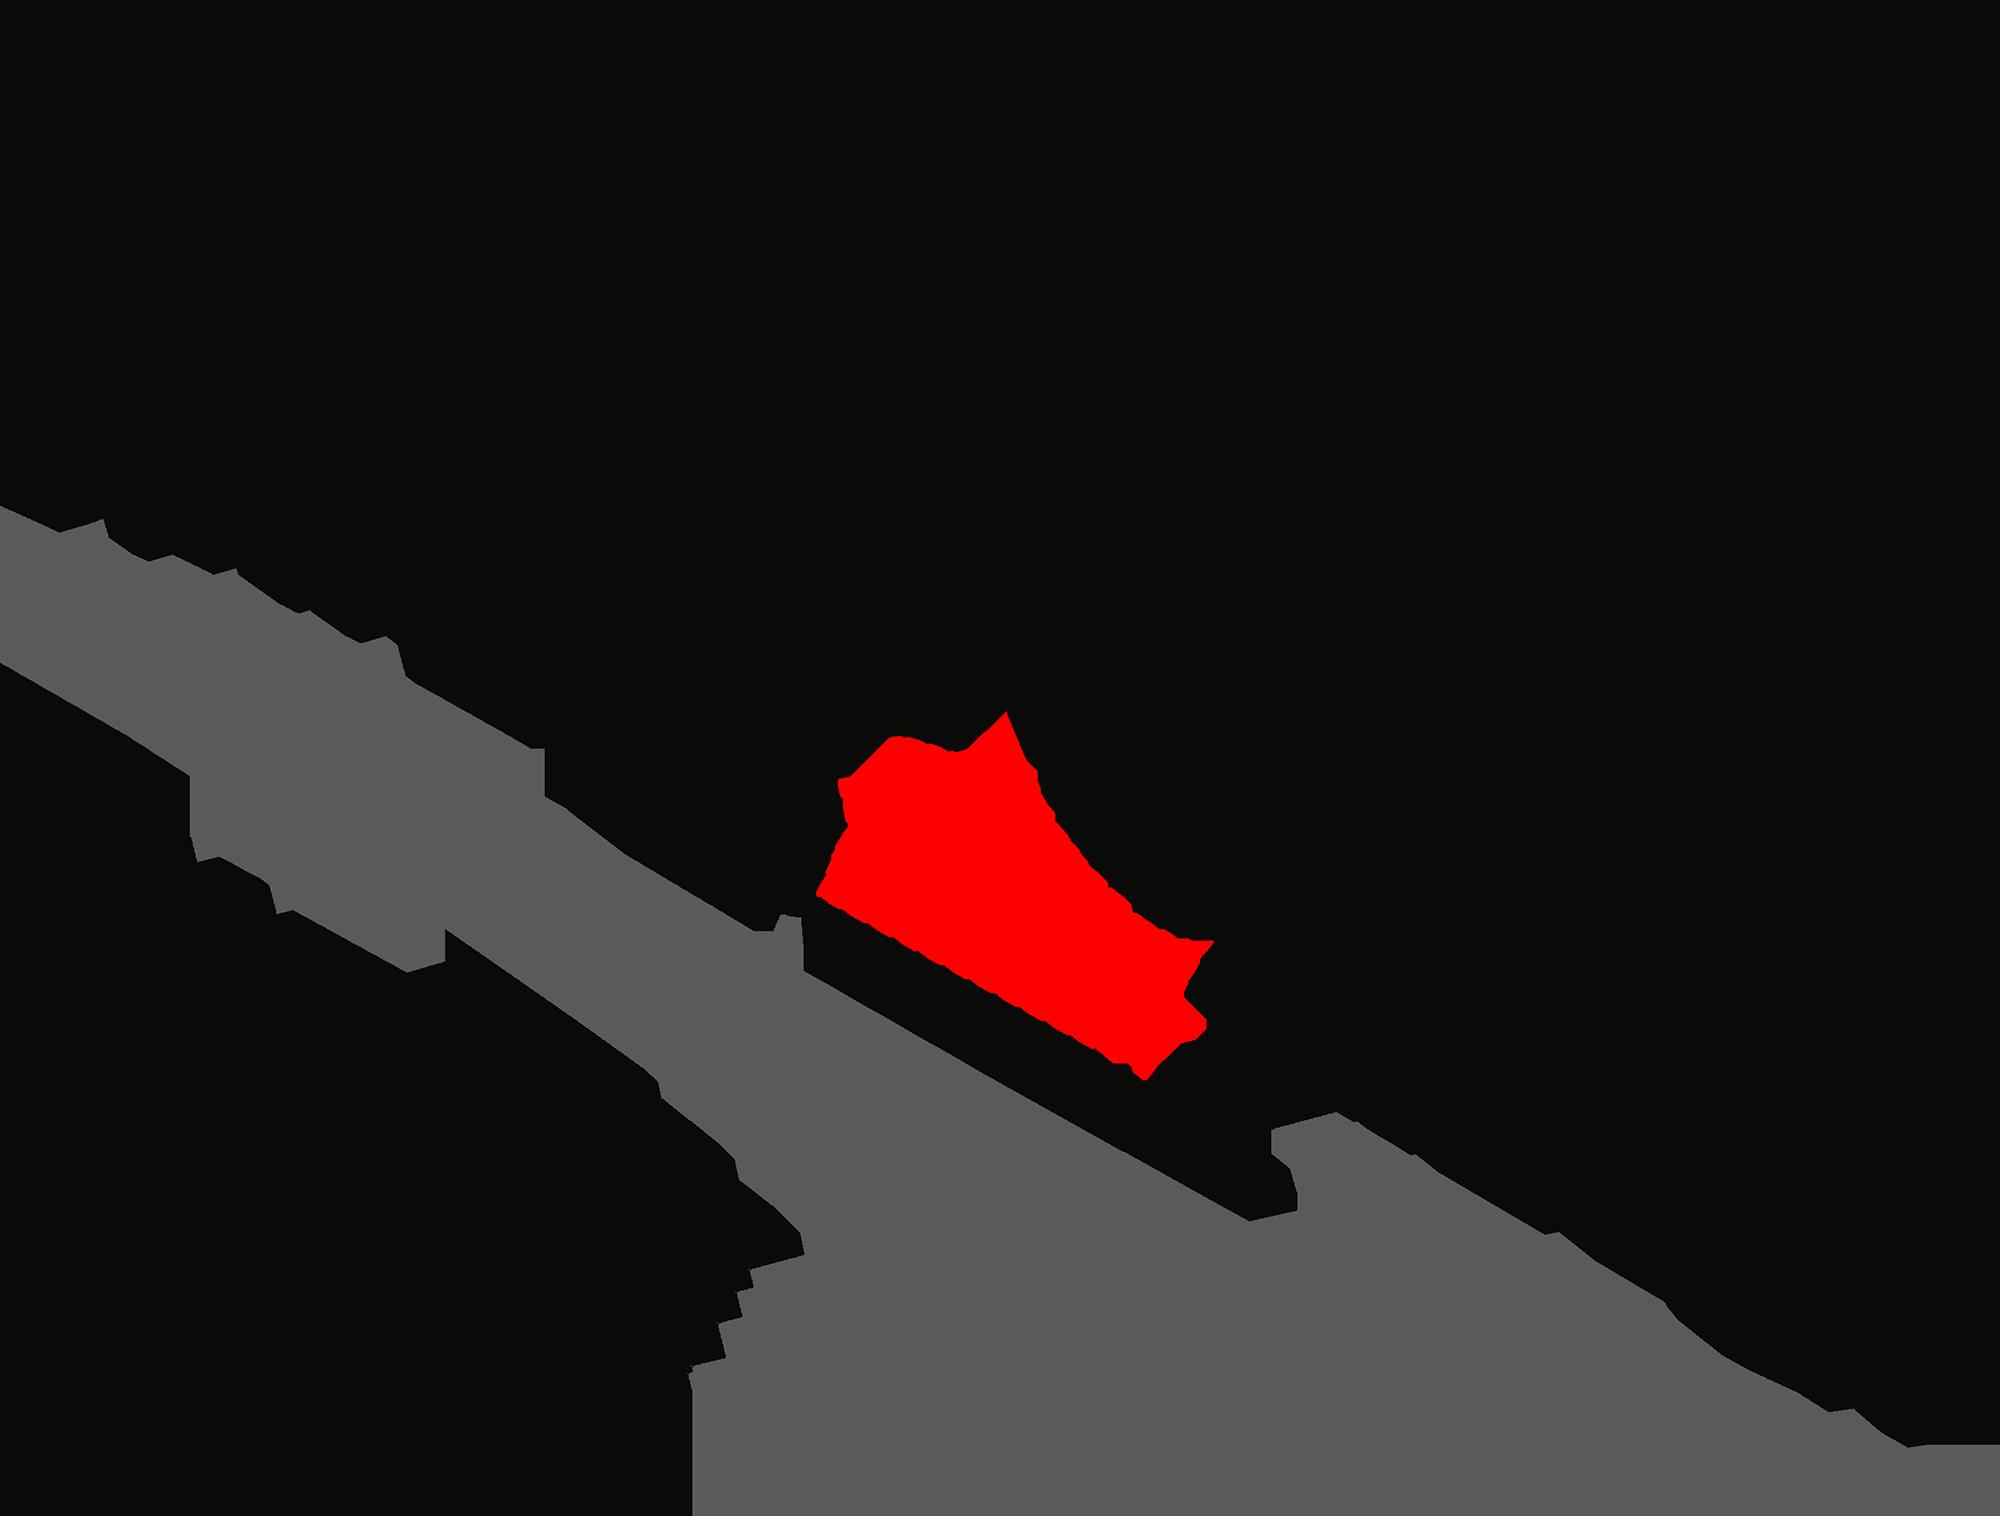 2-Schwarzplan-reduziert.png